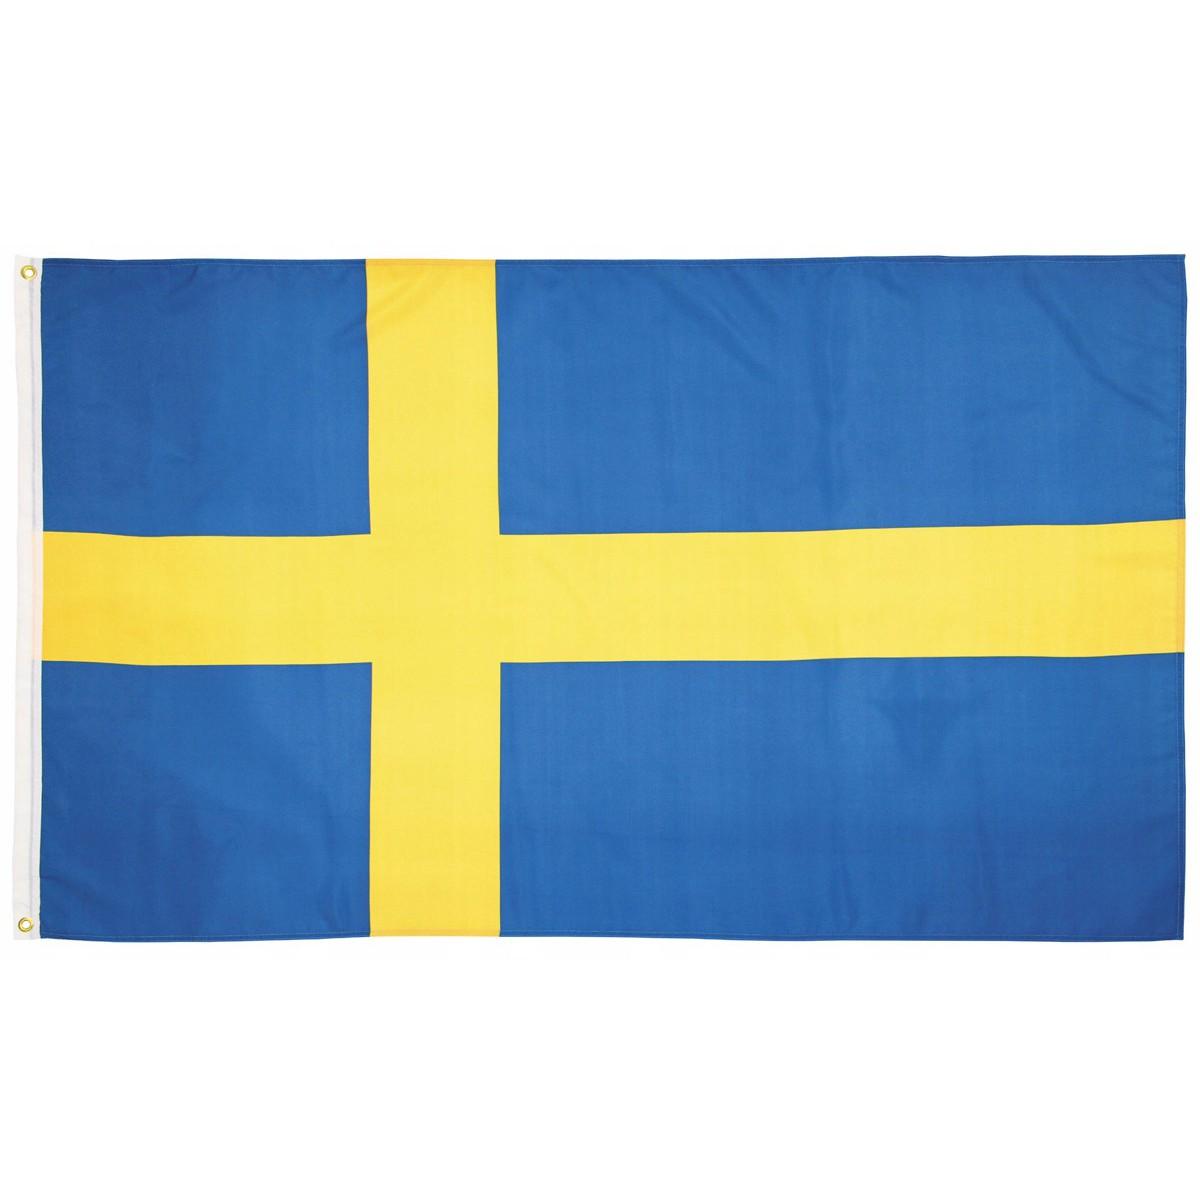 Švédska vlajka Sverige 150x90cm obojstranná polyester megamix.shop